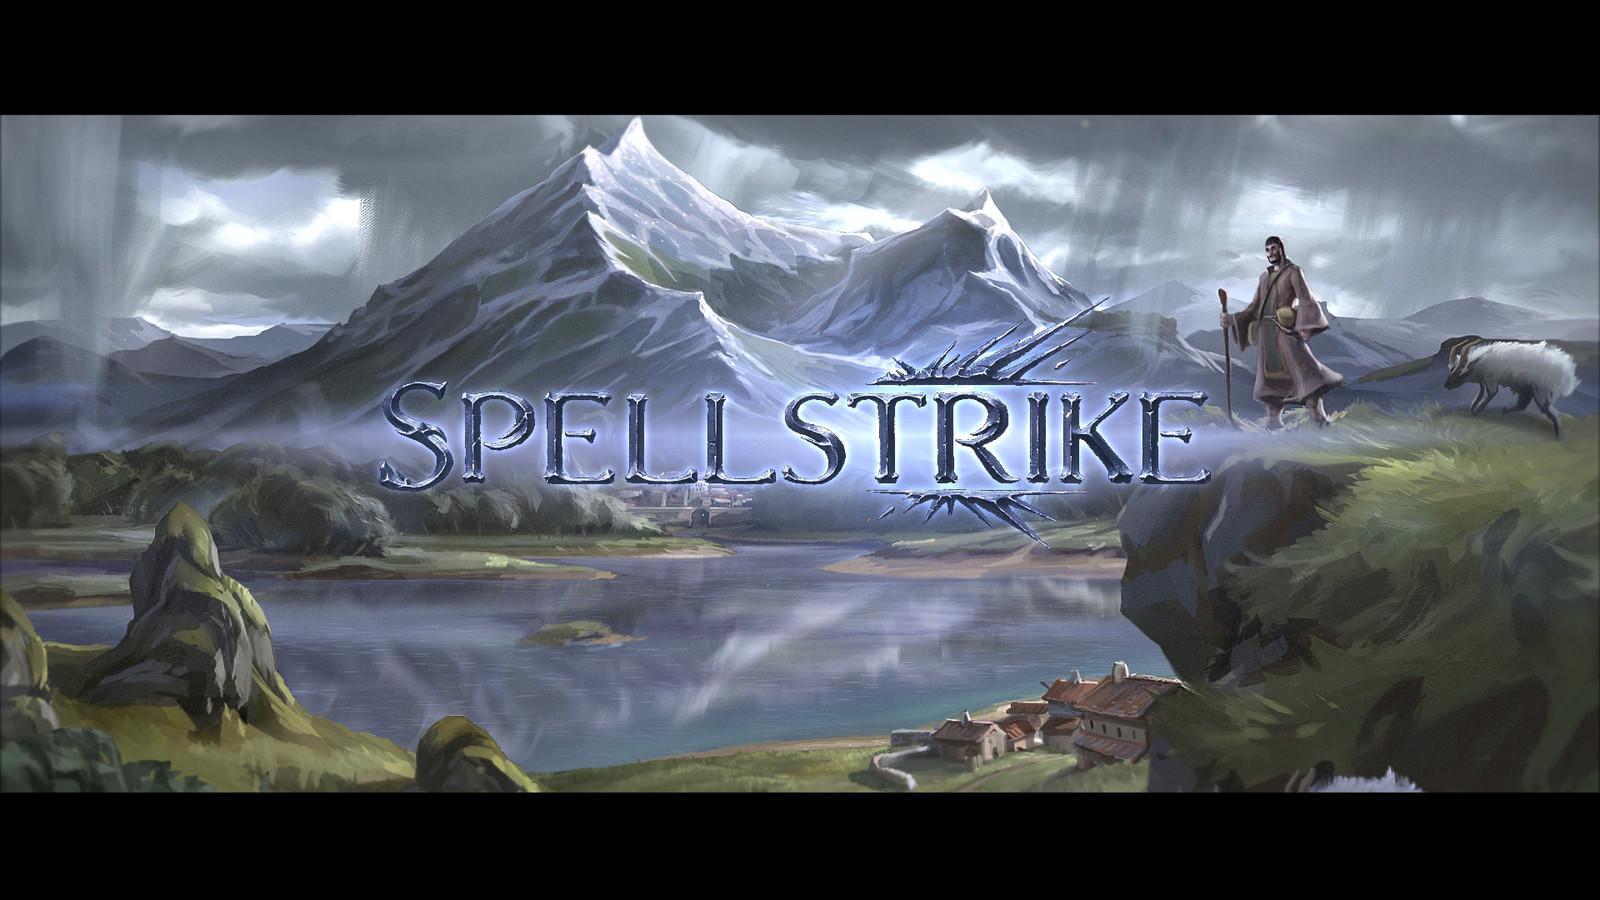 Spellstrike Story Teaser - Illustrations / motion deisgn / storyboard.